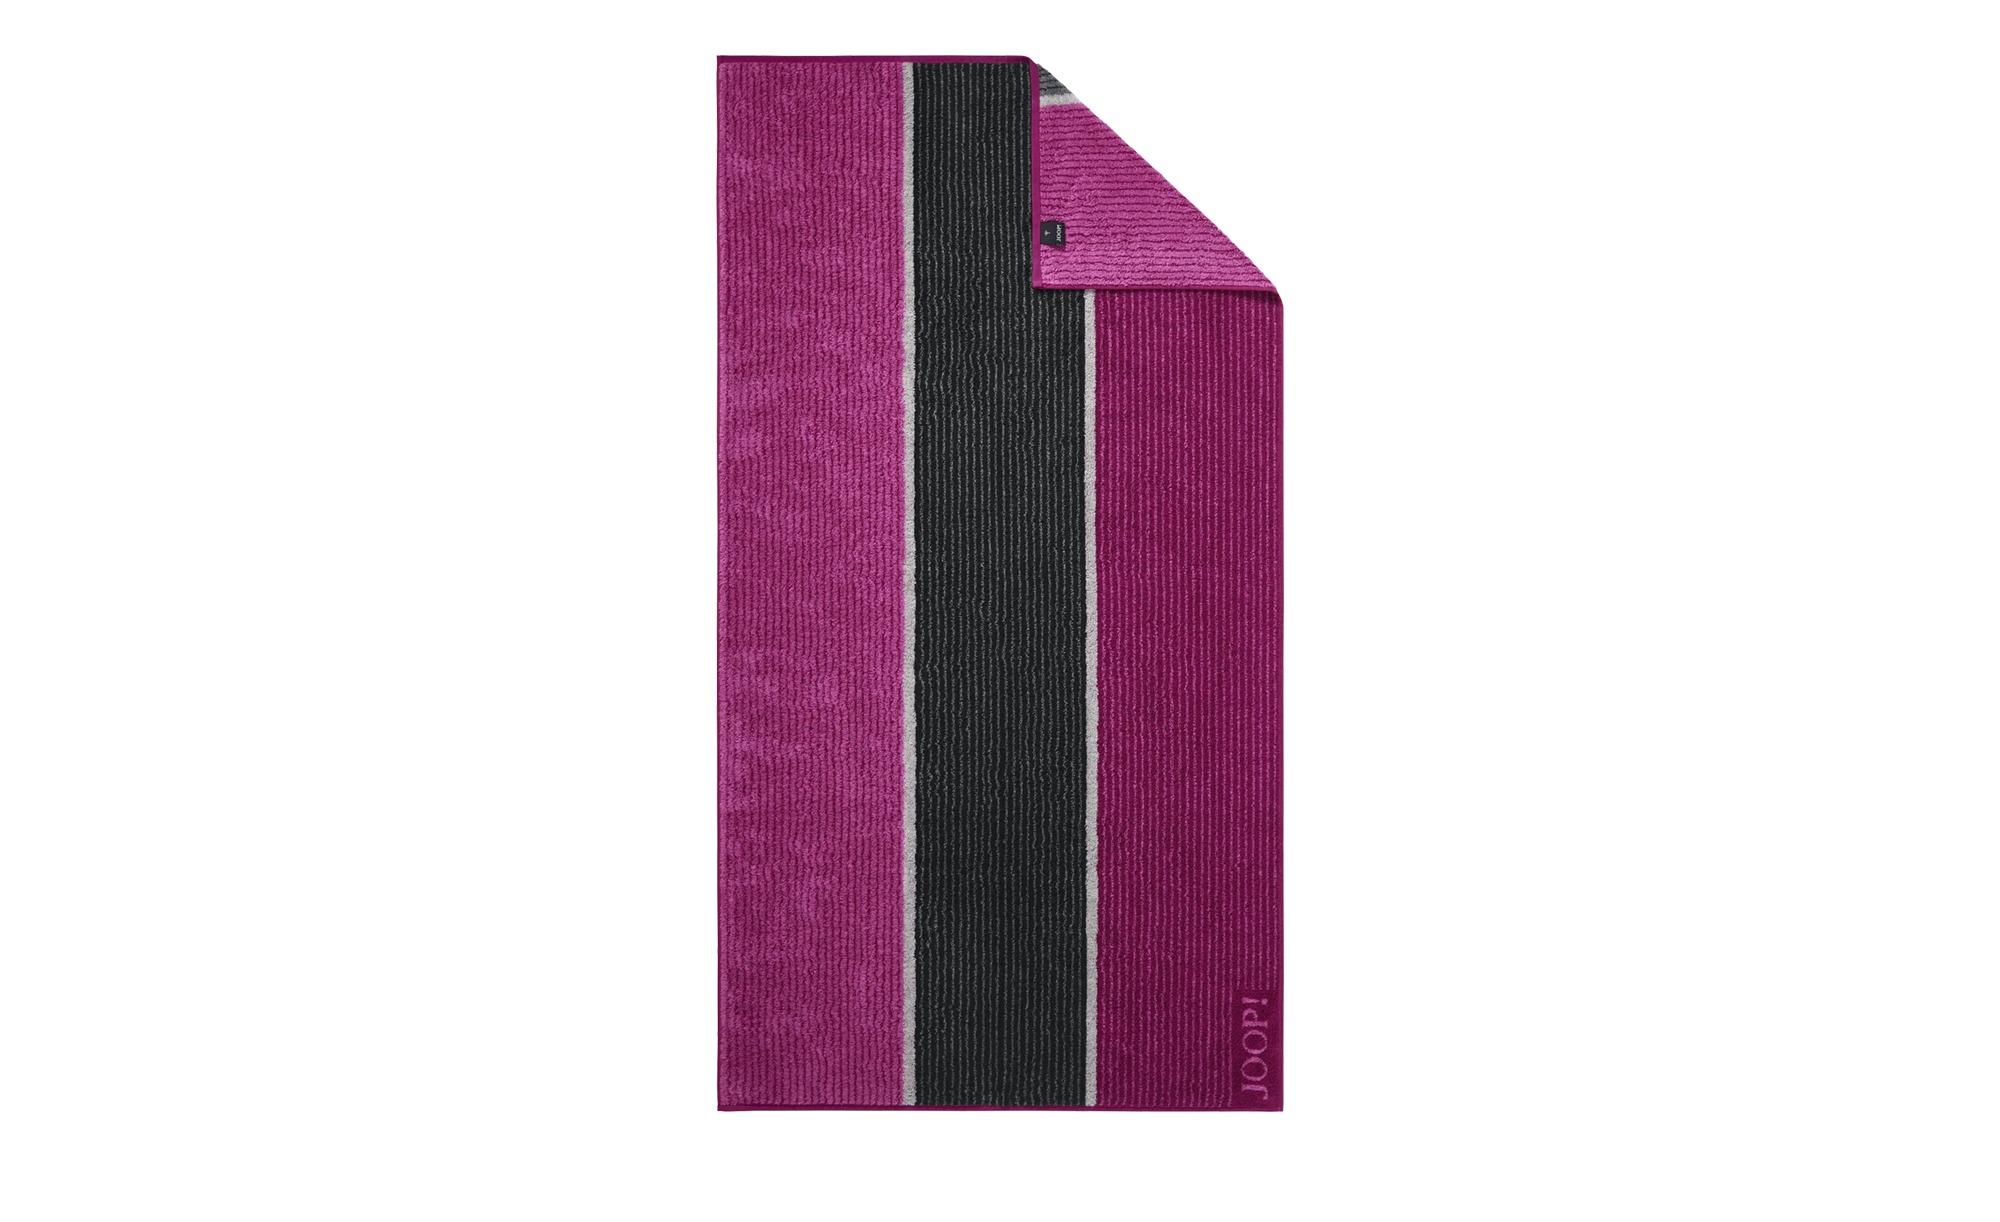 JOOP! Duschtuch  JOOP 1658 Streifen ¦ rosa/pink ¦ 100% Baumwolle  ¦ Maße (cm): B: 80 Badtextilien und Zubehör > Handtücher & Badetücher > Duschtücher - Höffner